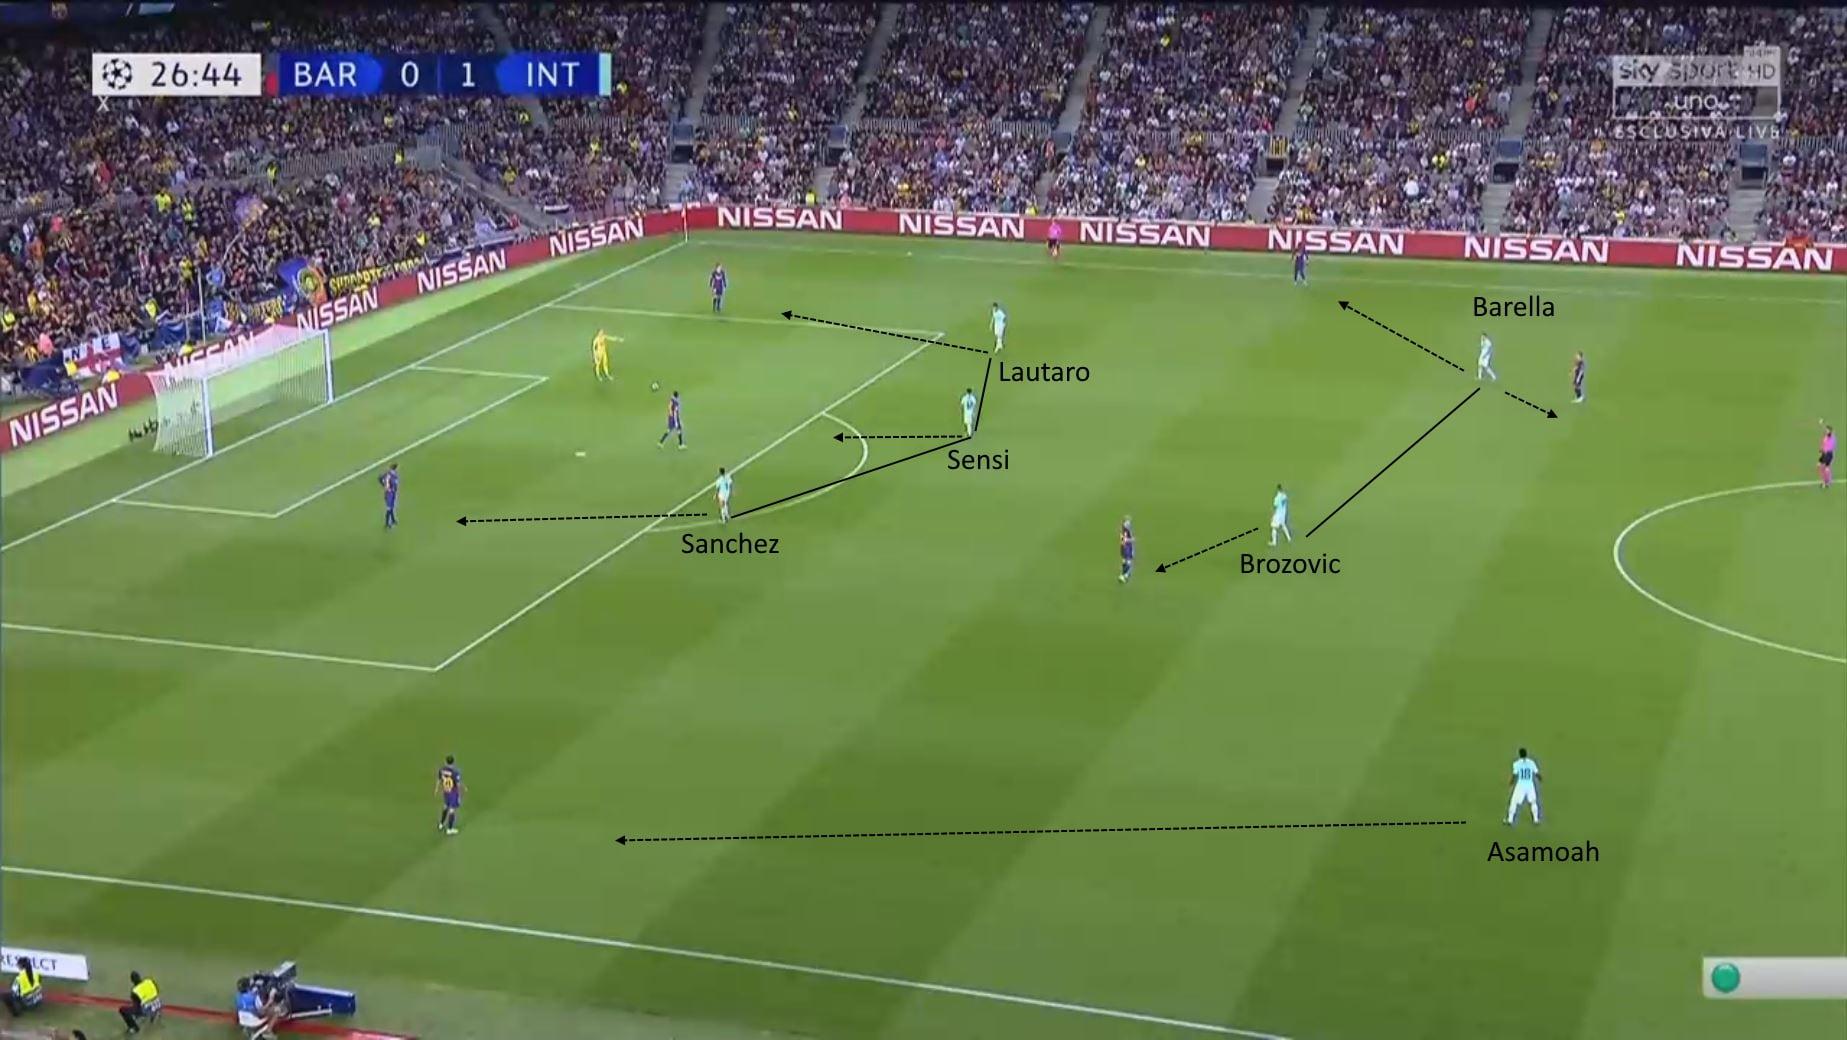 Il pressing dell'Inter contro il Barcellona